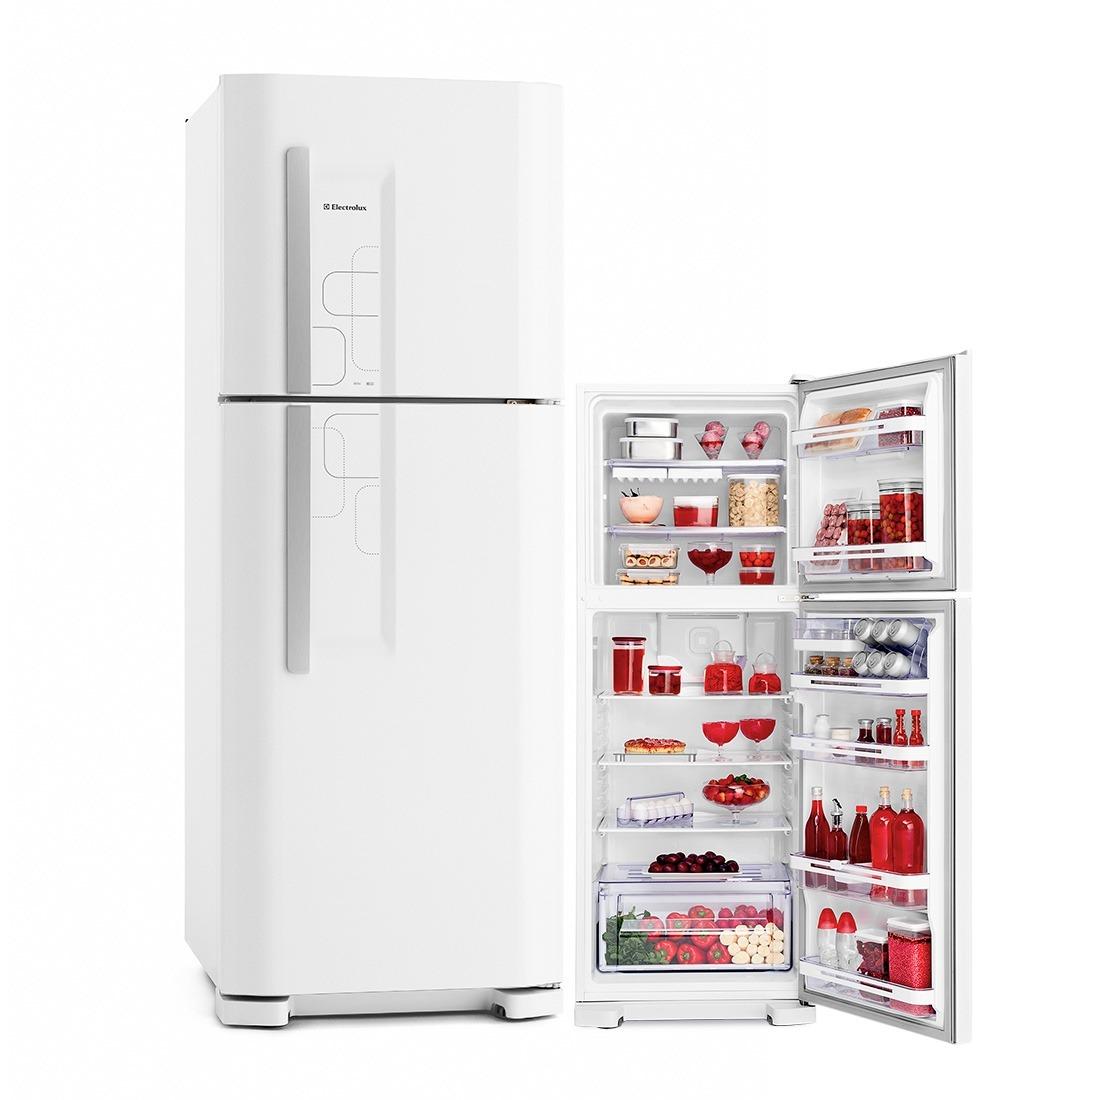 Refrigerador Cycle Defrost 220V - Duplex 475L DC51 Branco - Electrolux